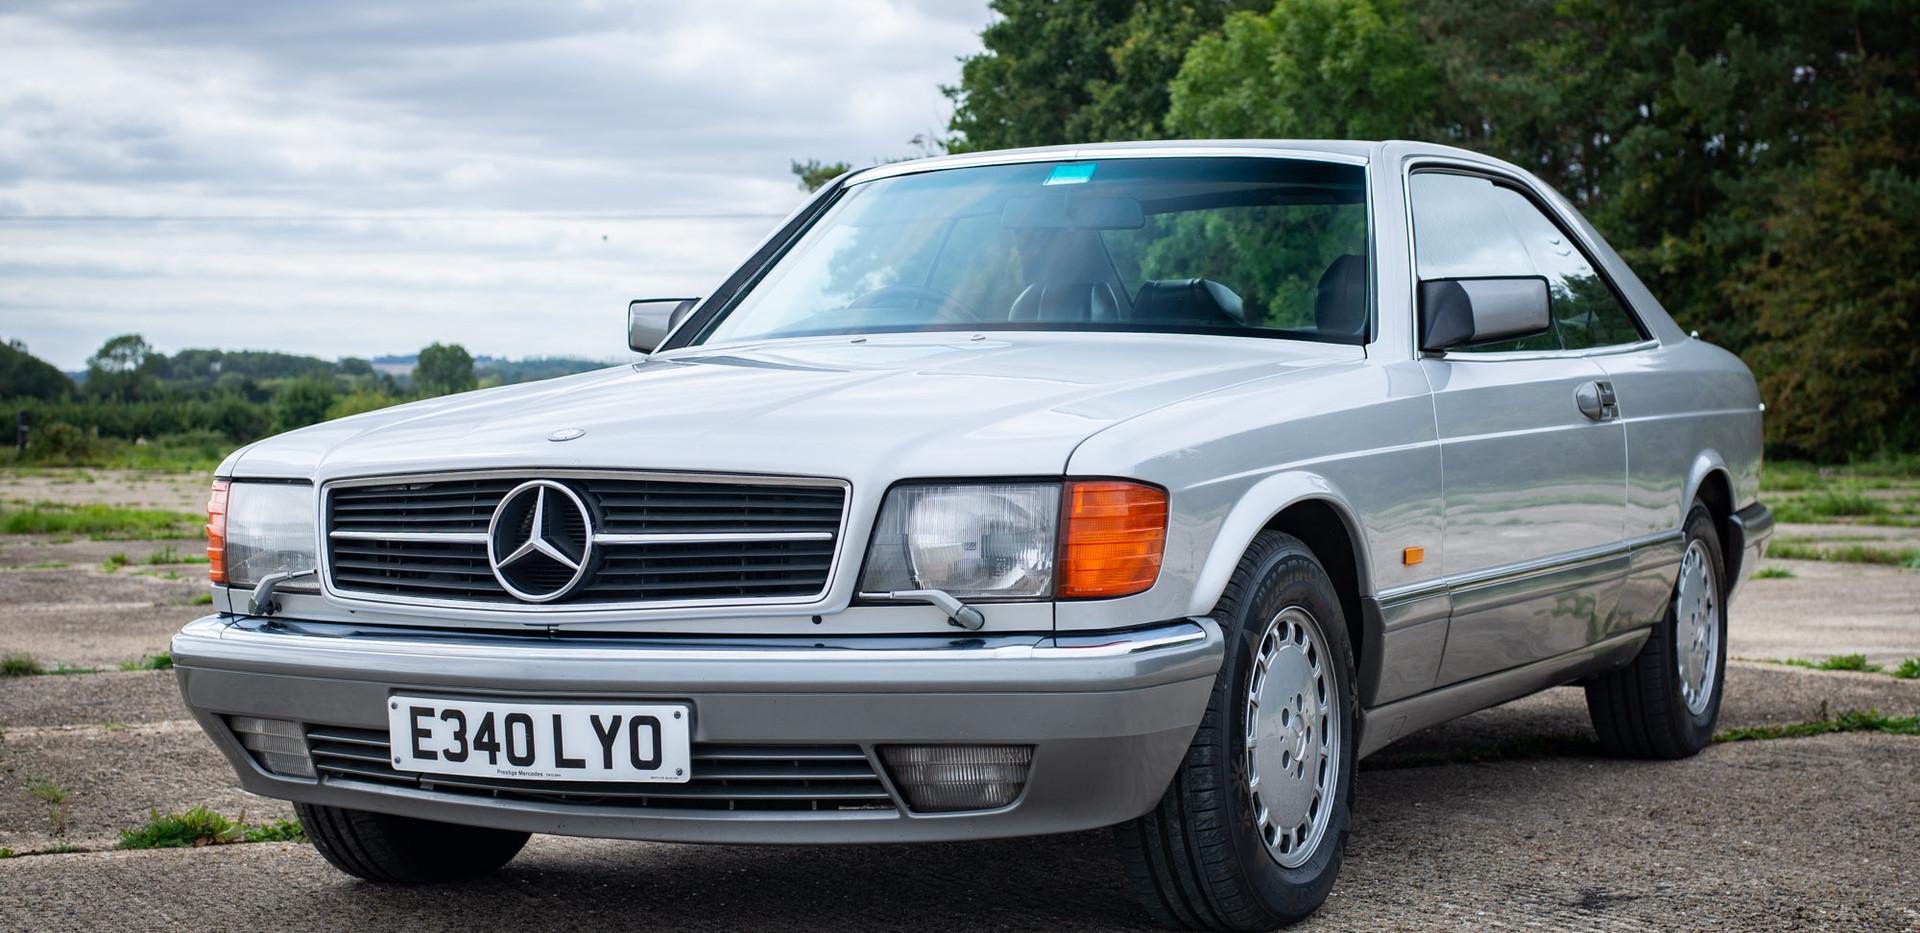 W126 420SEC - Uk for sale london-5.jpg